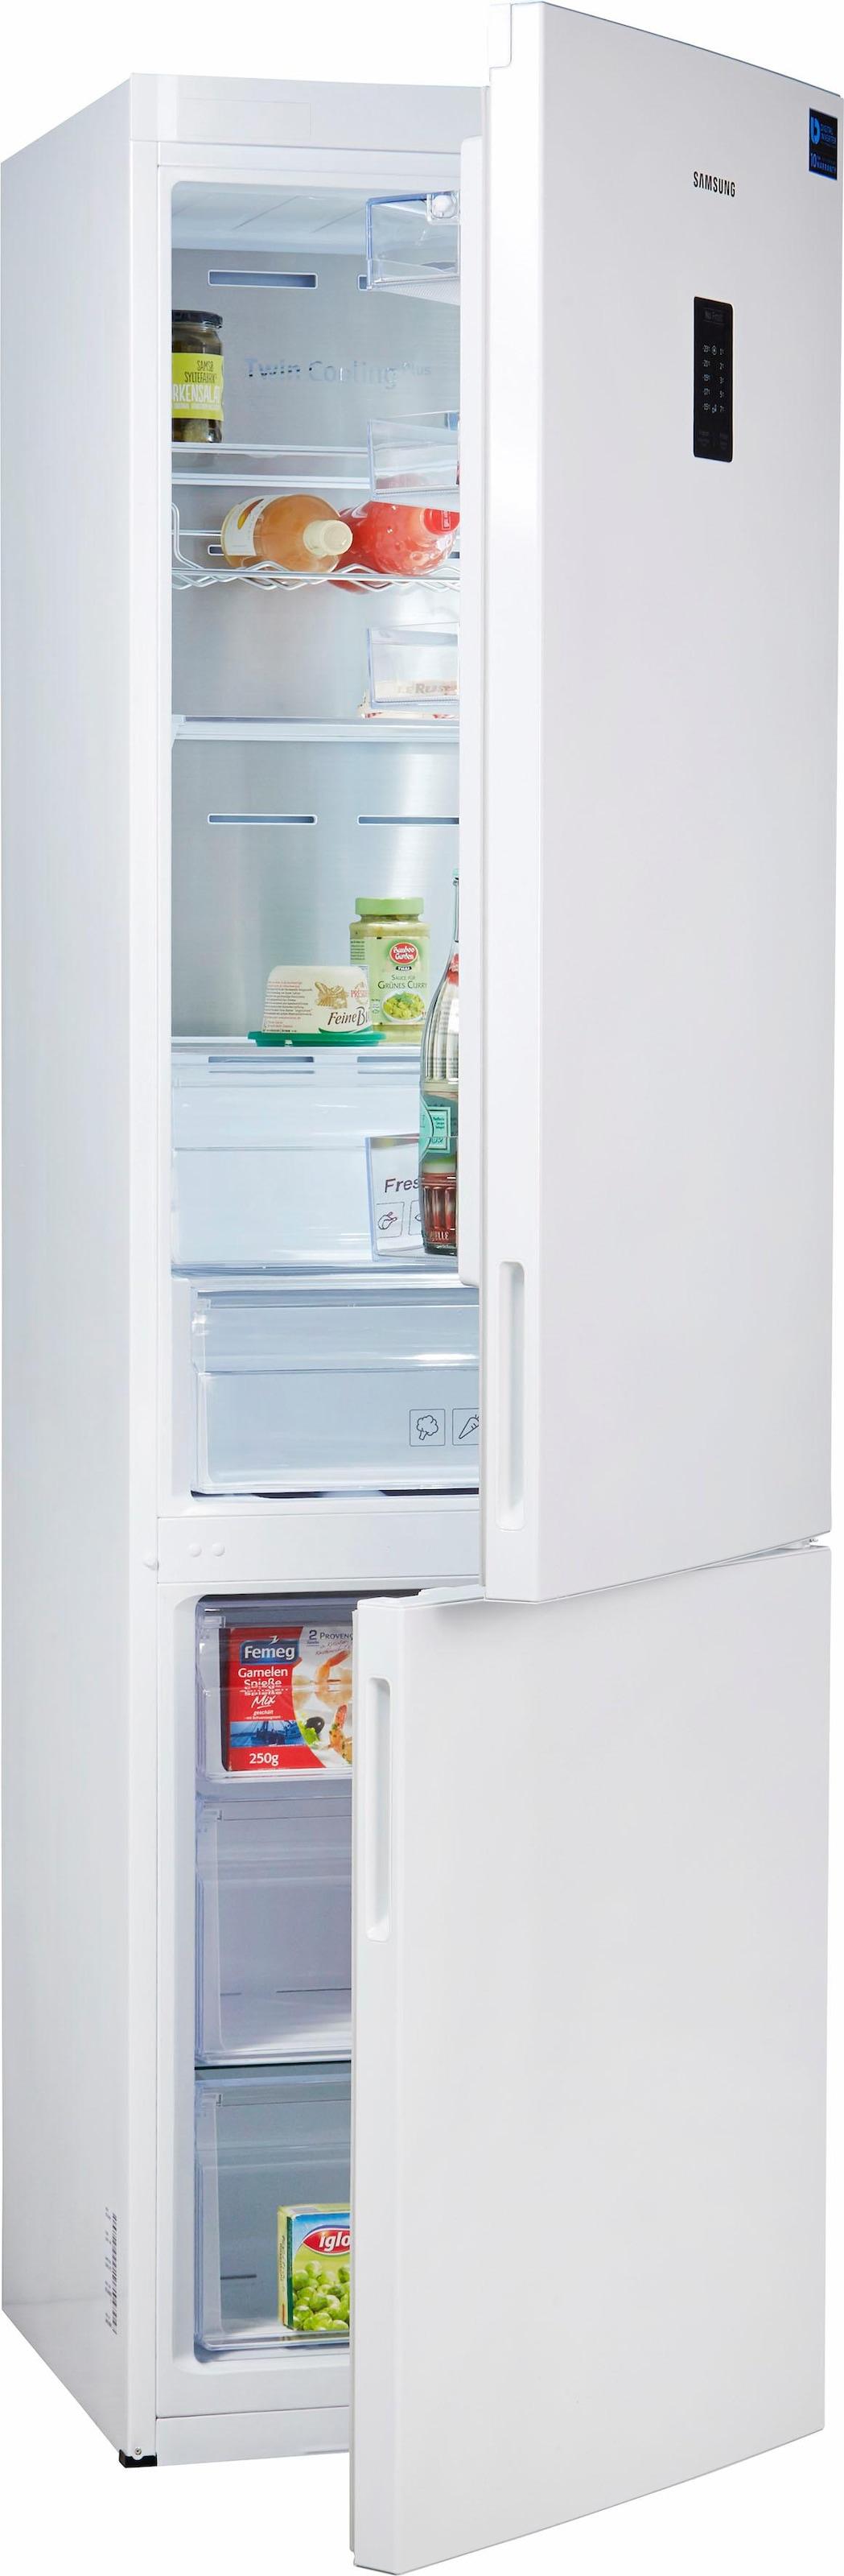 Küchengeräte online günstig kaufen über shop24.at | shop24